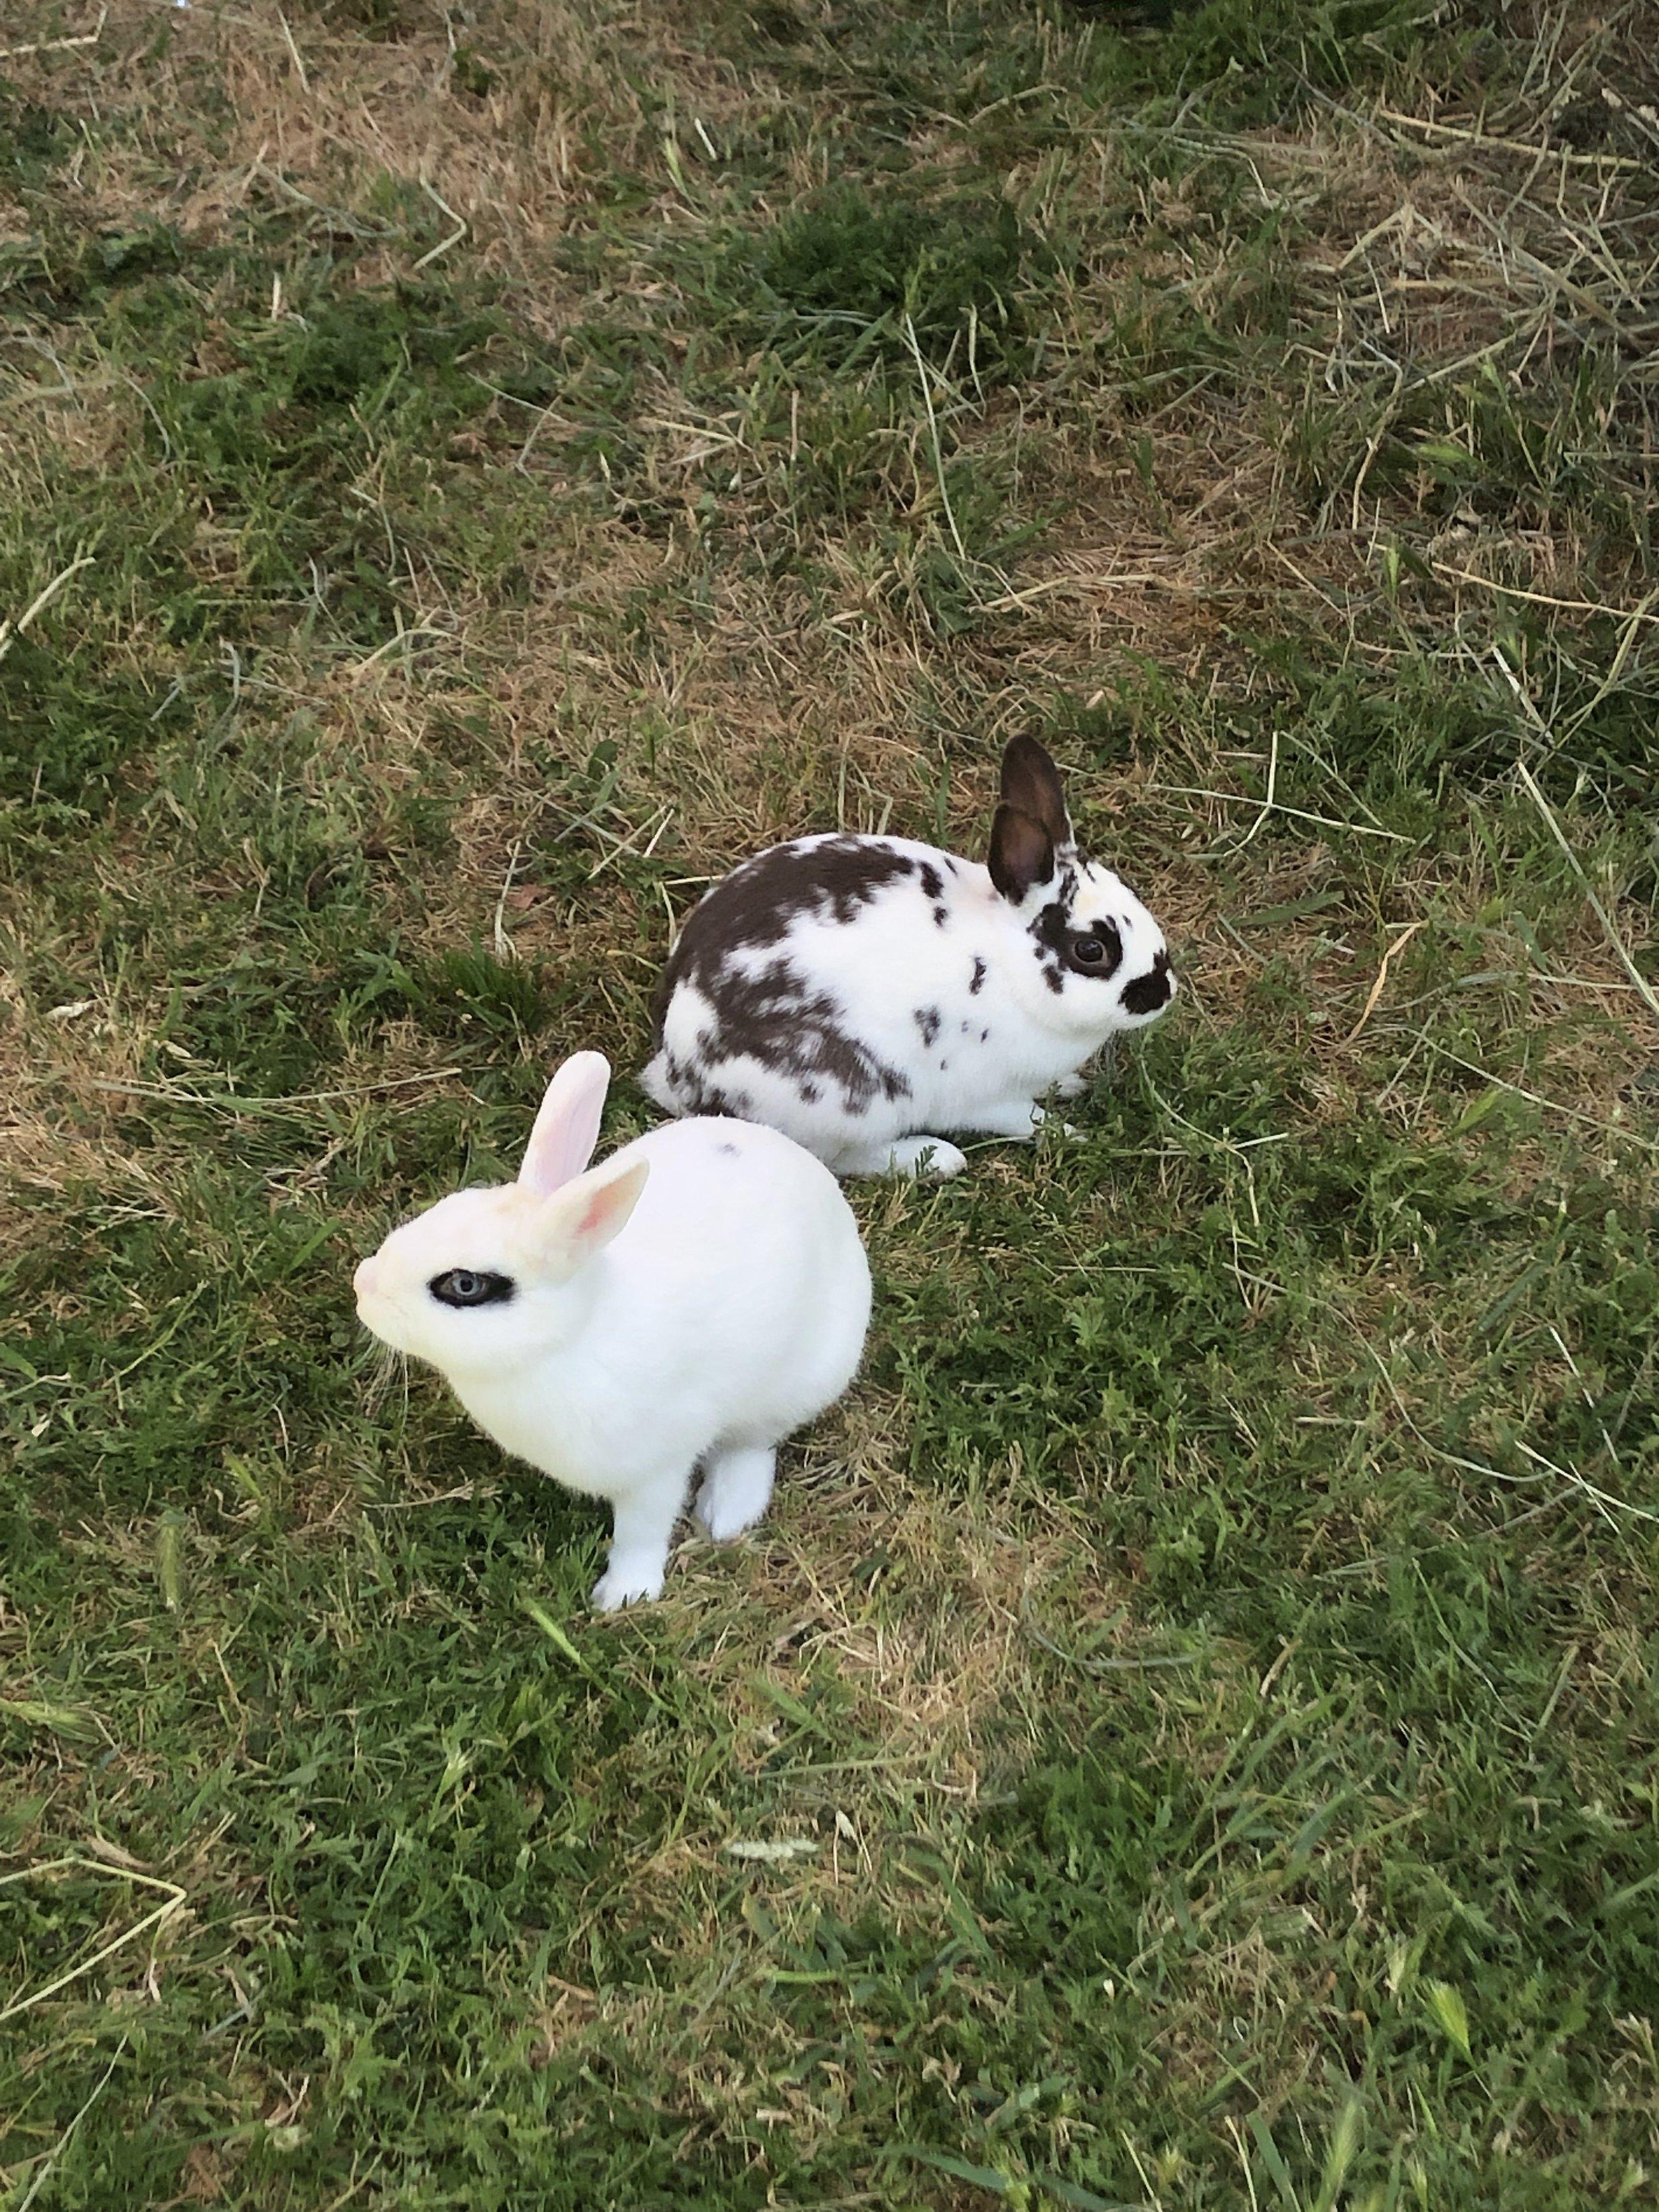 Rabbits of varied patterns visited horner